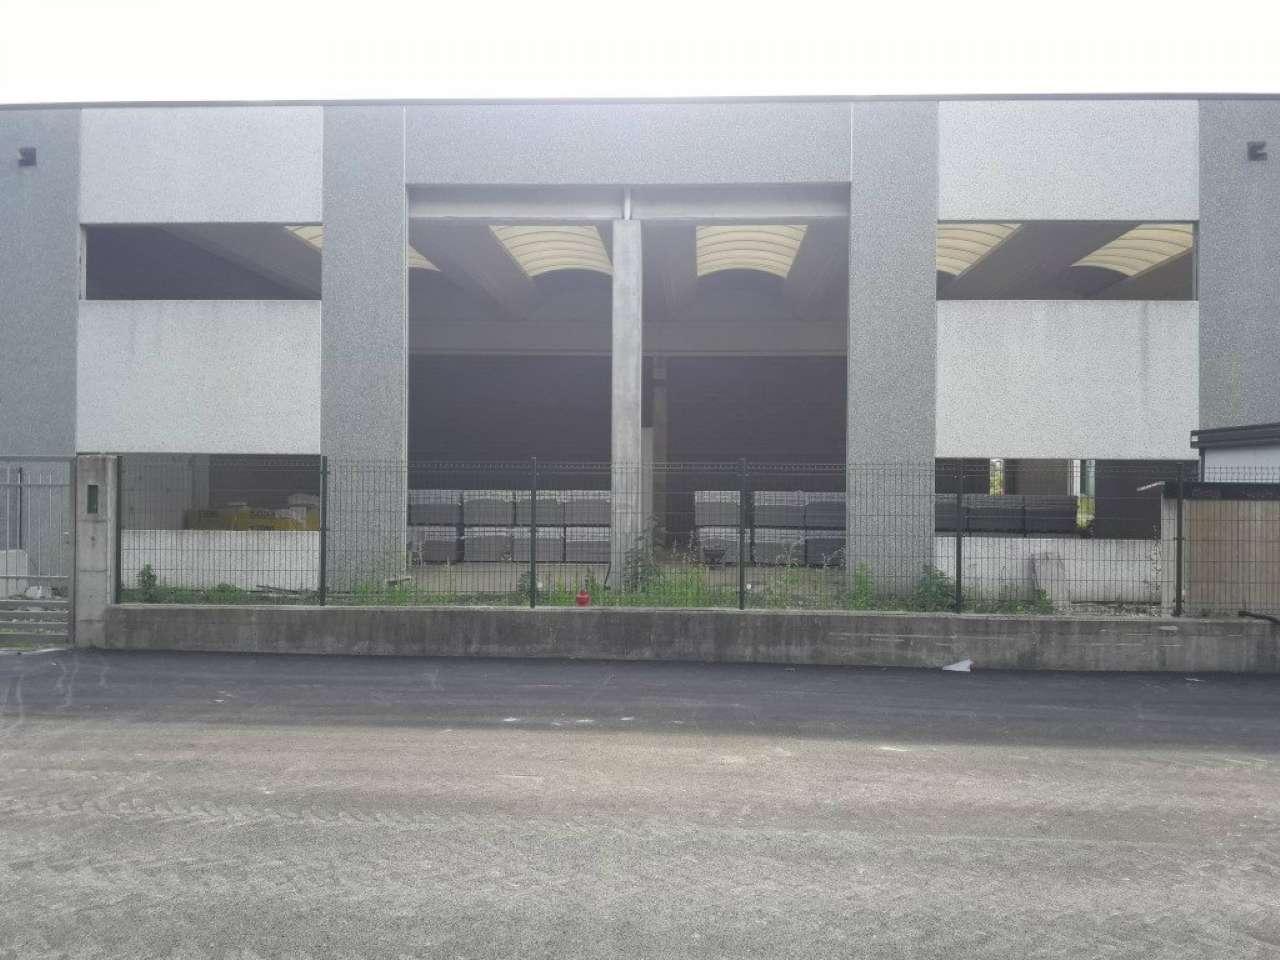 Capannone in vendita a Vedano Olona, 2 locali, prezzo € 280.000 | CambioCasa.it